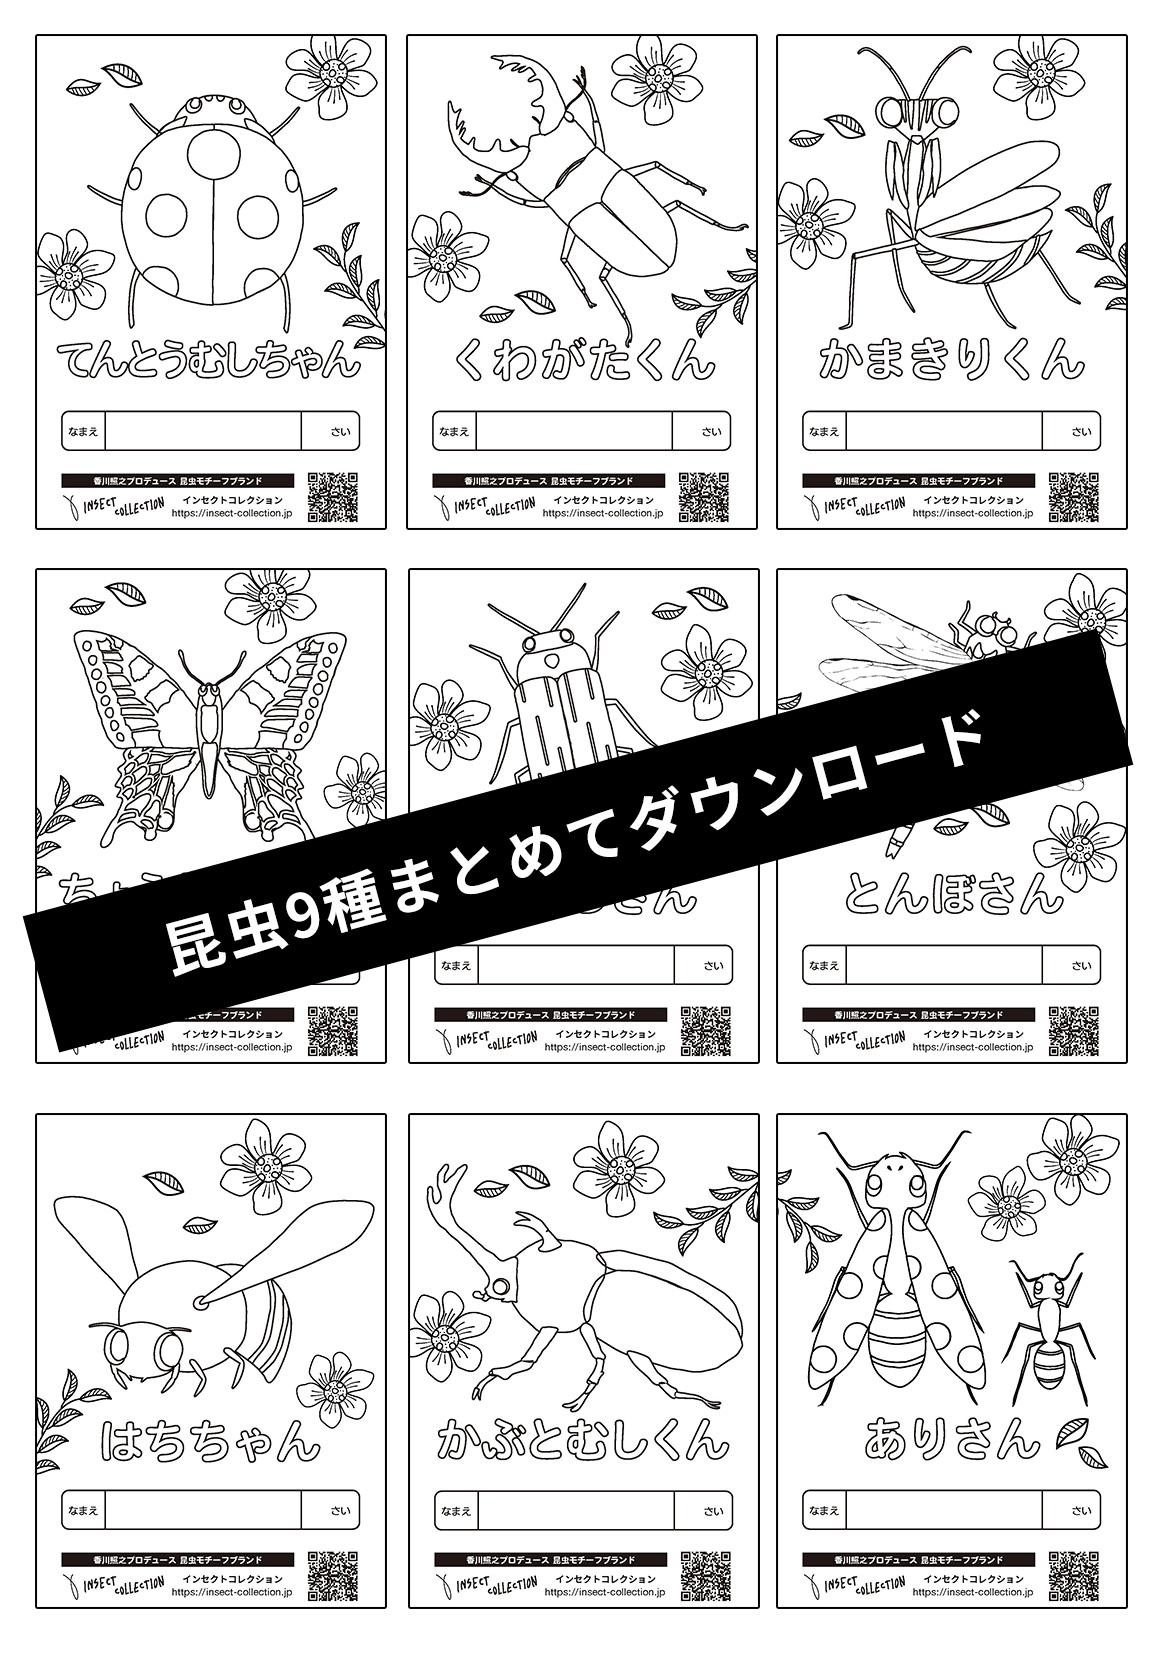 インセクトコレクション 昆虫9種類無料ぬりえ